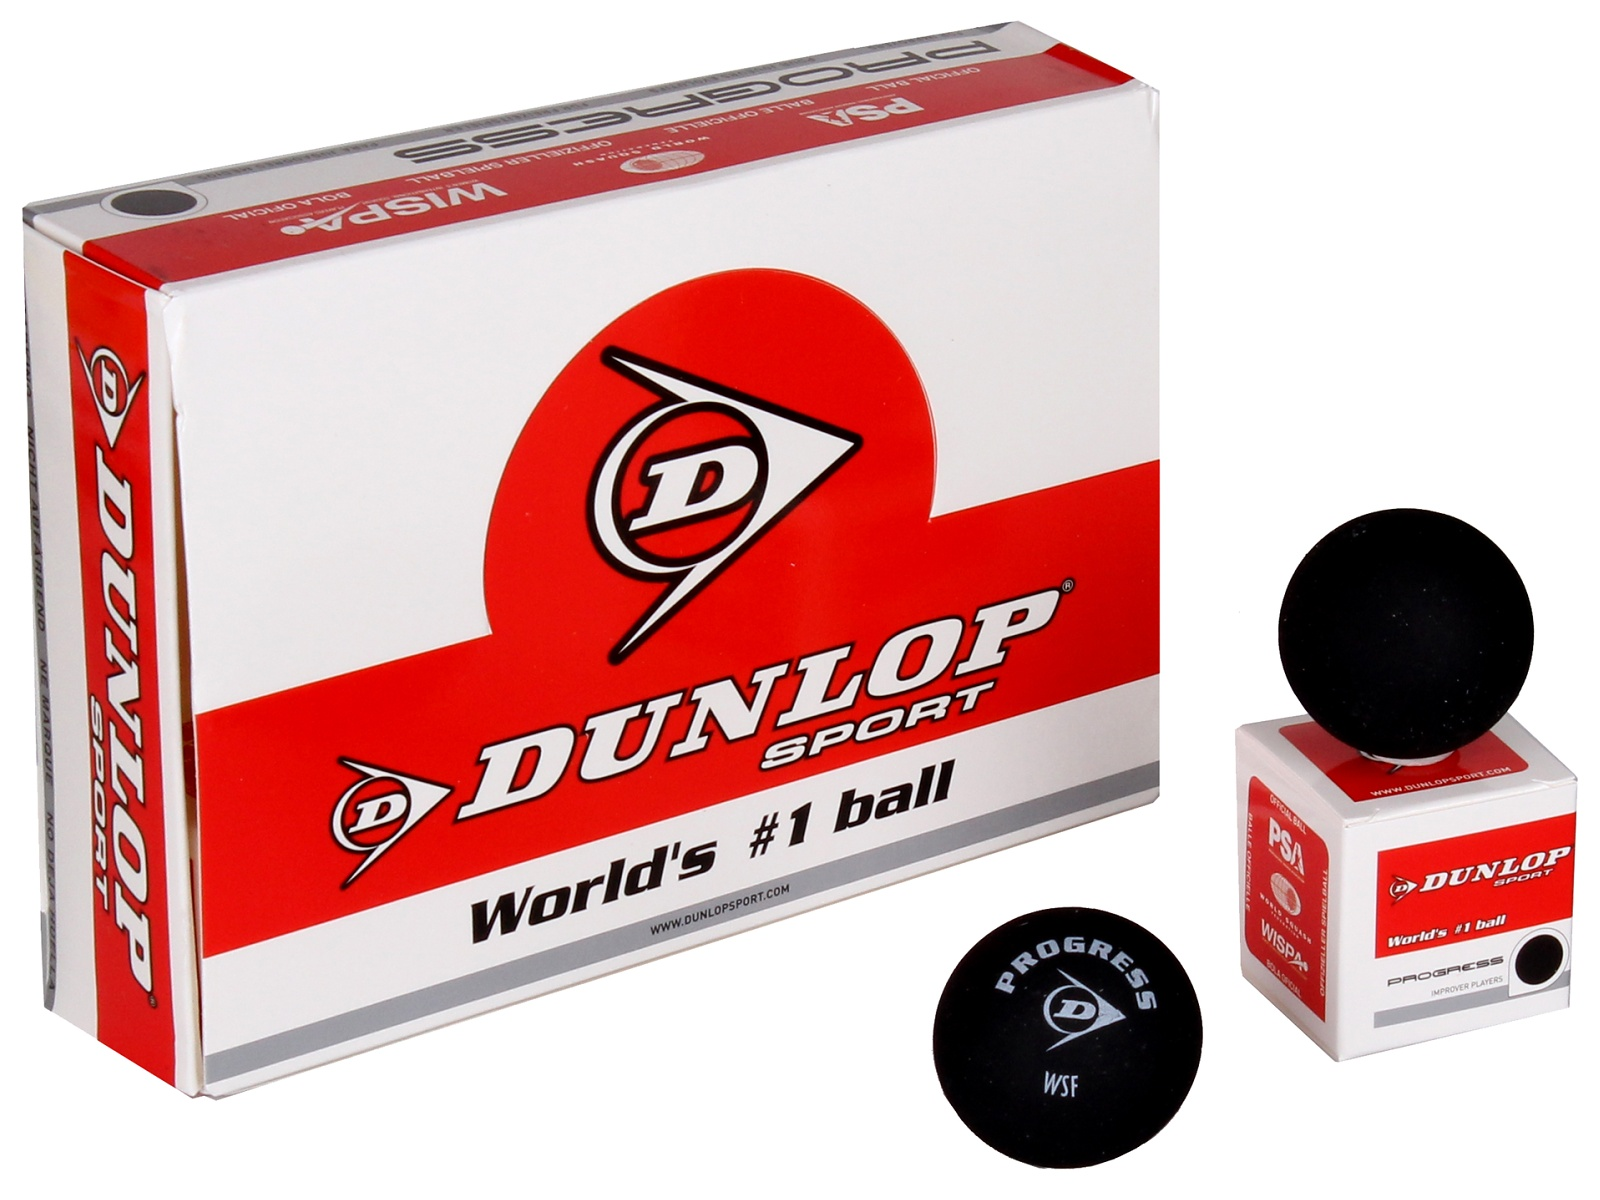 Squashový míček DUNLOP Progress - červená tečka